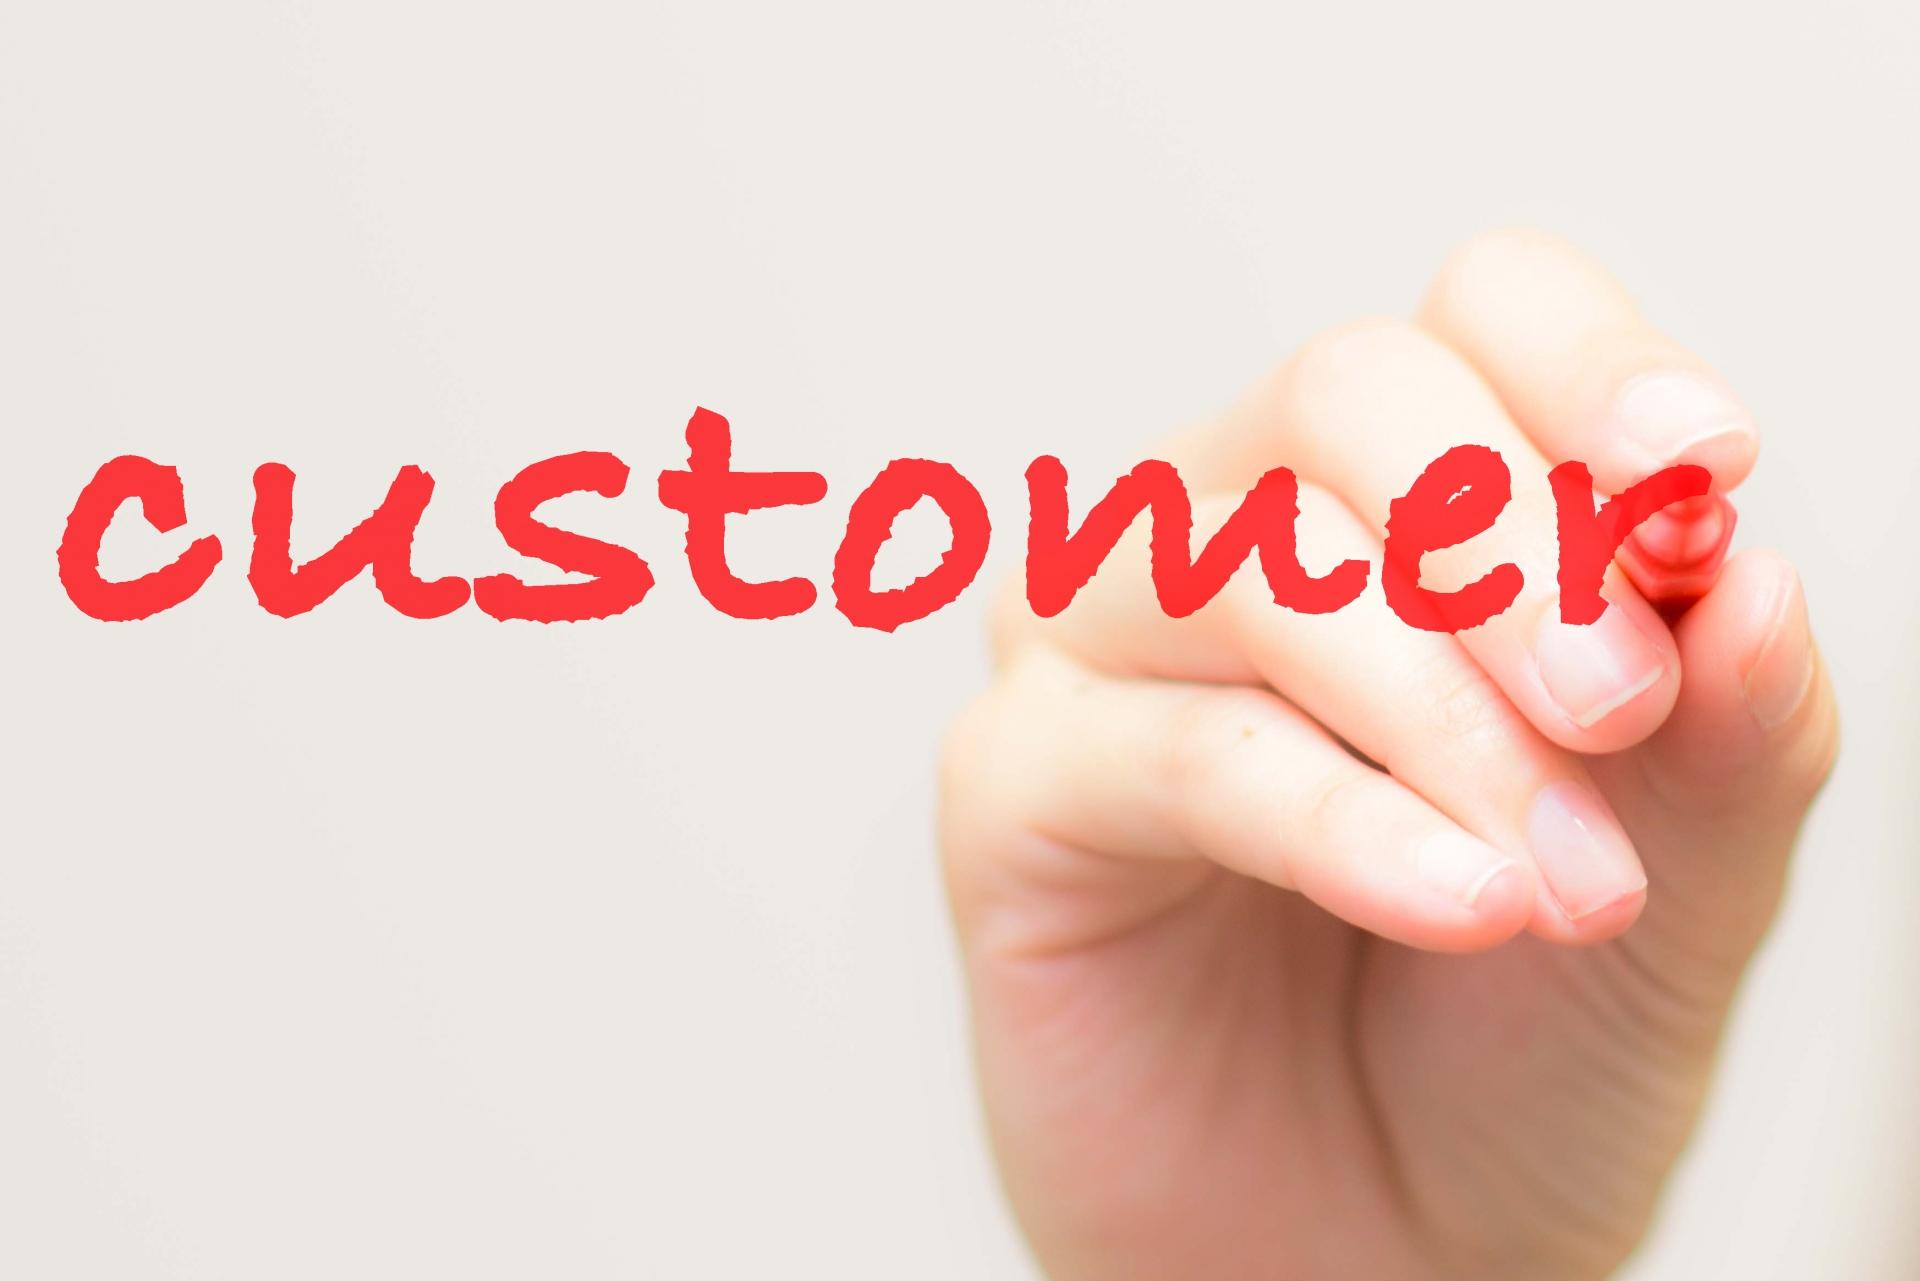 ロコンドが新規顧客獲得に向けてLINE公式アカウントを開設